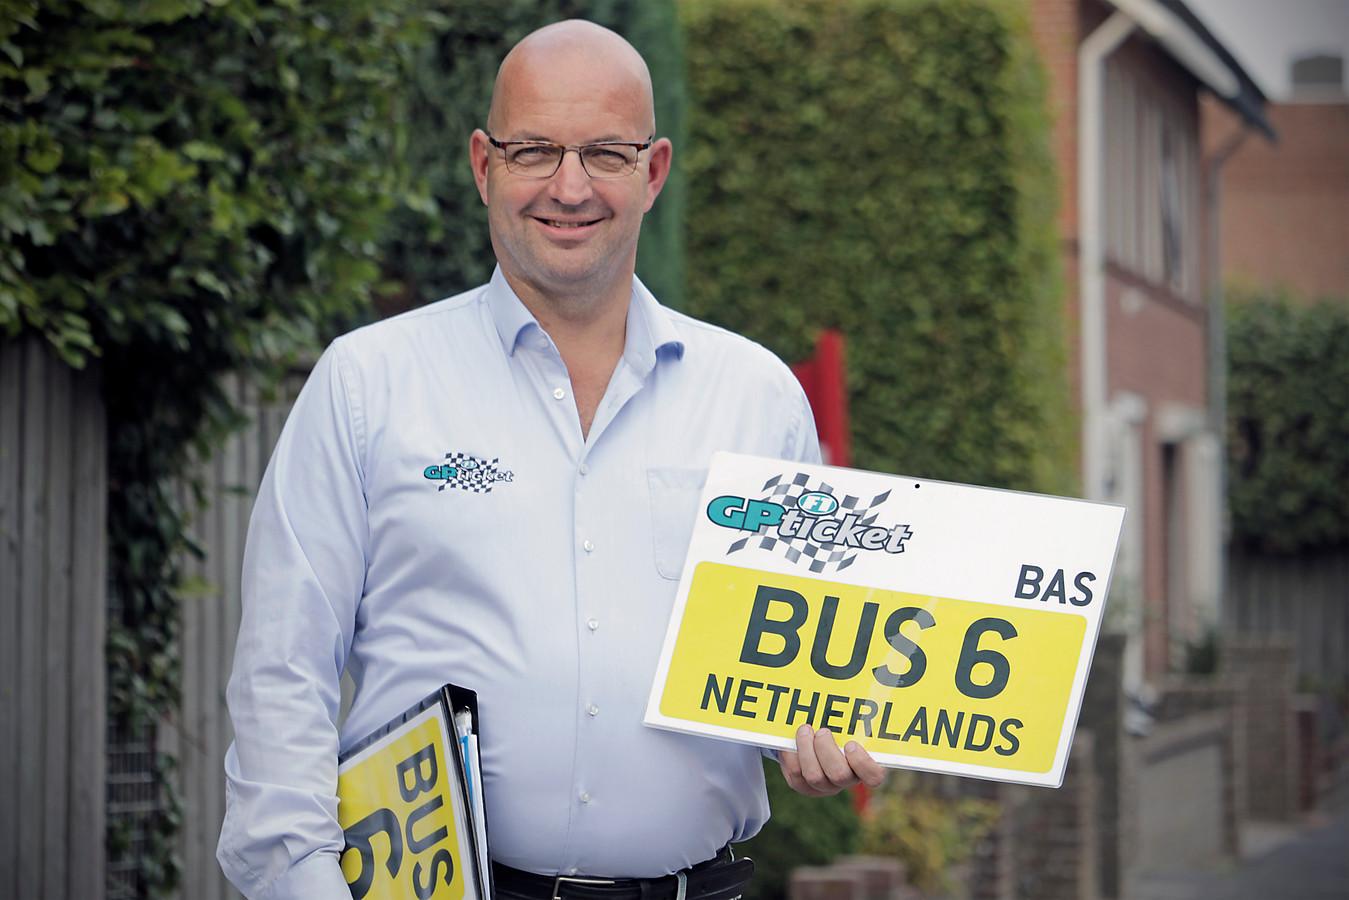 Bas van der Donk regelt en begeleidt Formule 1 reizen.